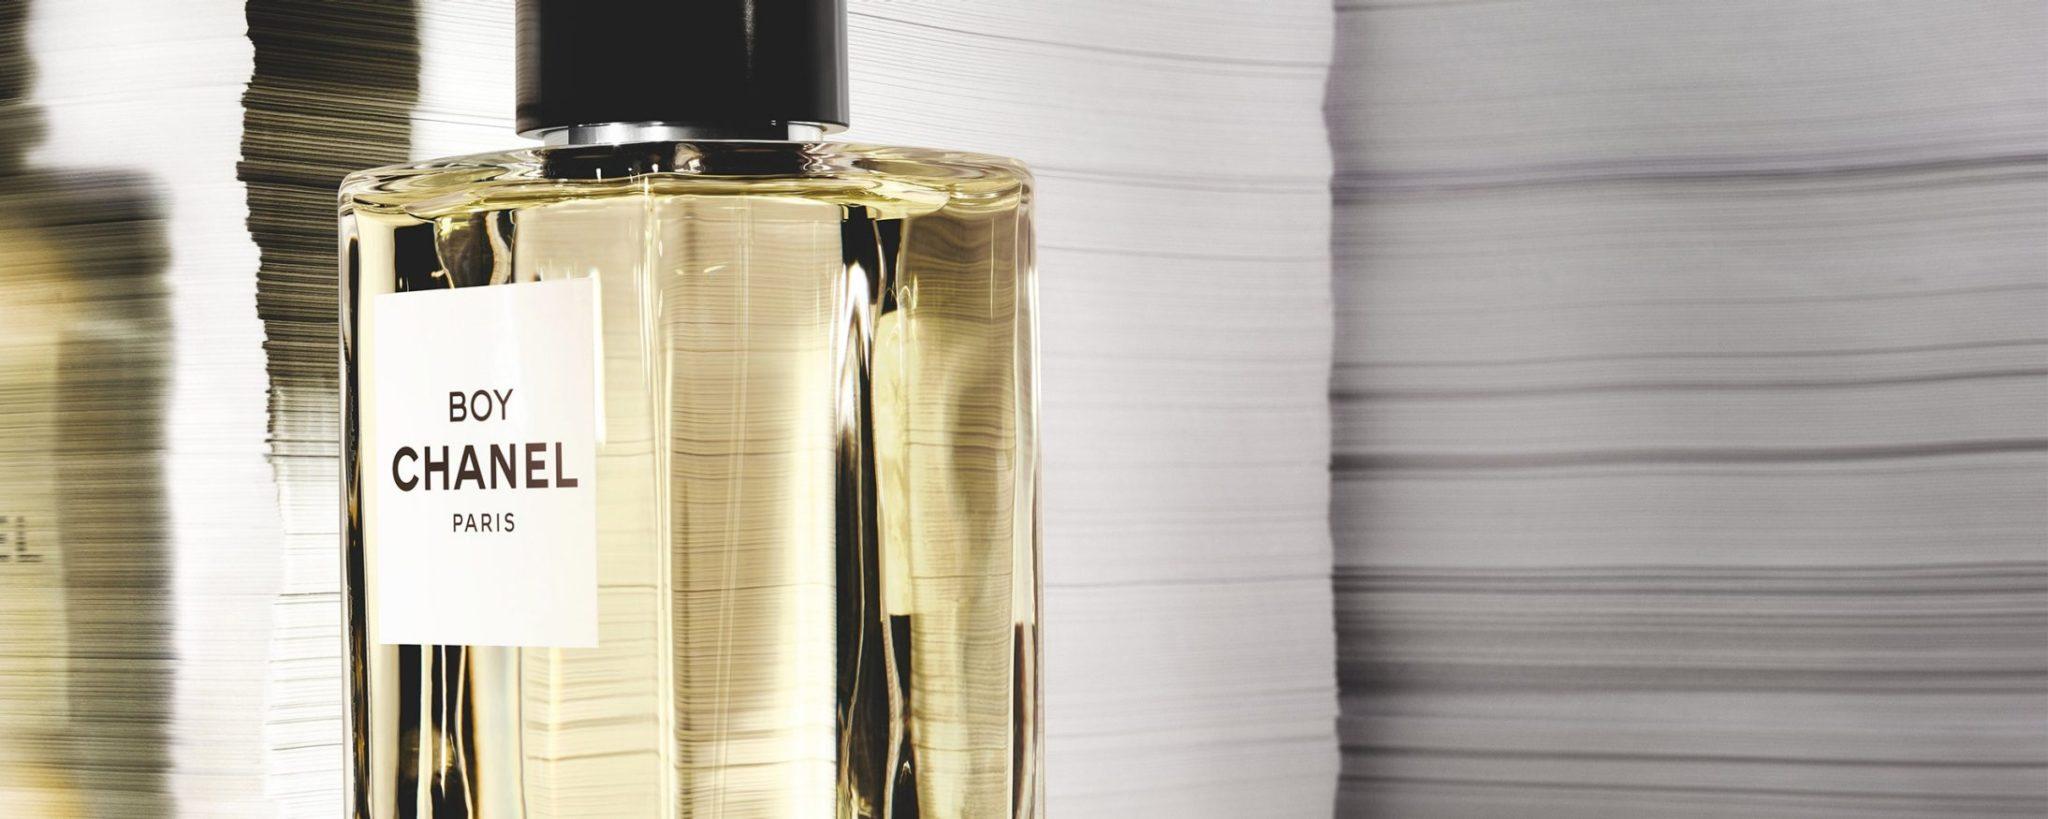 Chanel Les Exclusifs Boy eau de parfum Esprit de Gabrielle espritdegabrielle.com